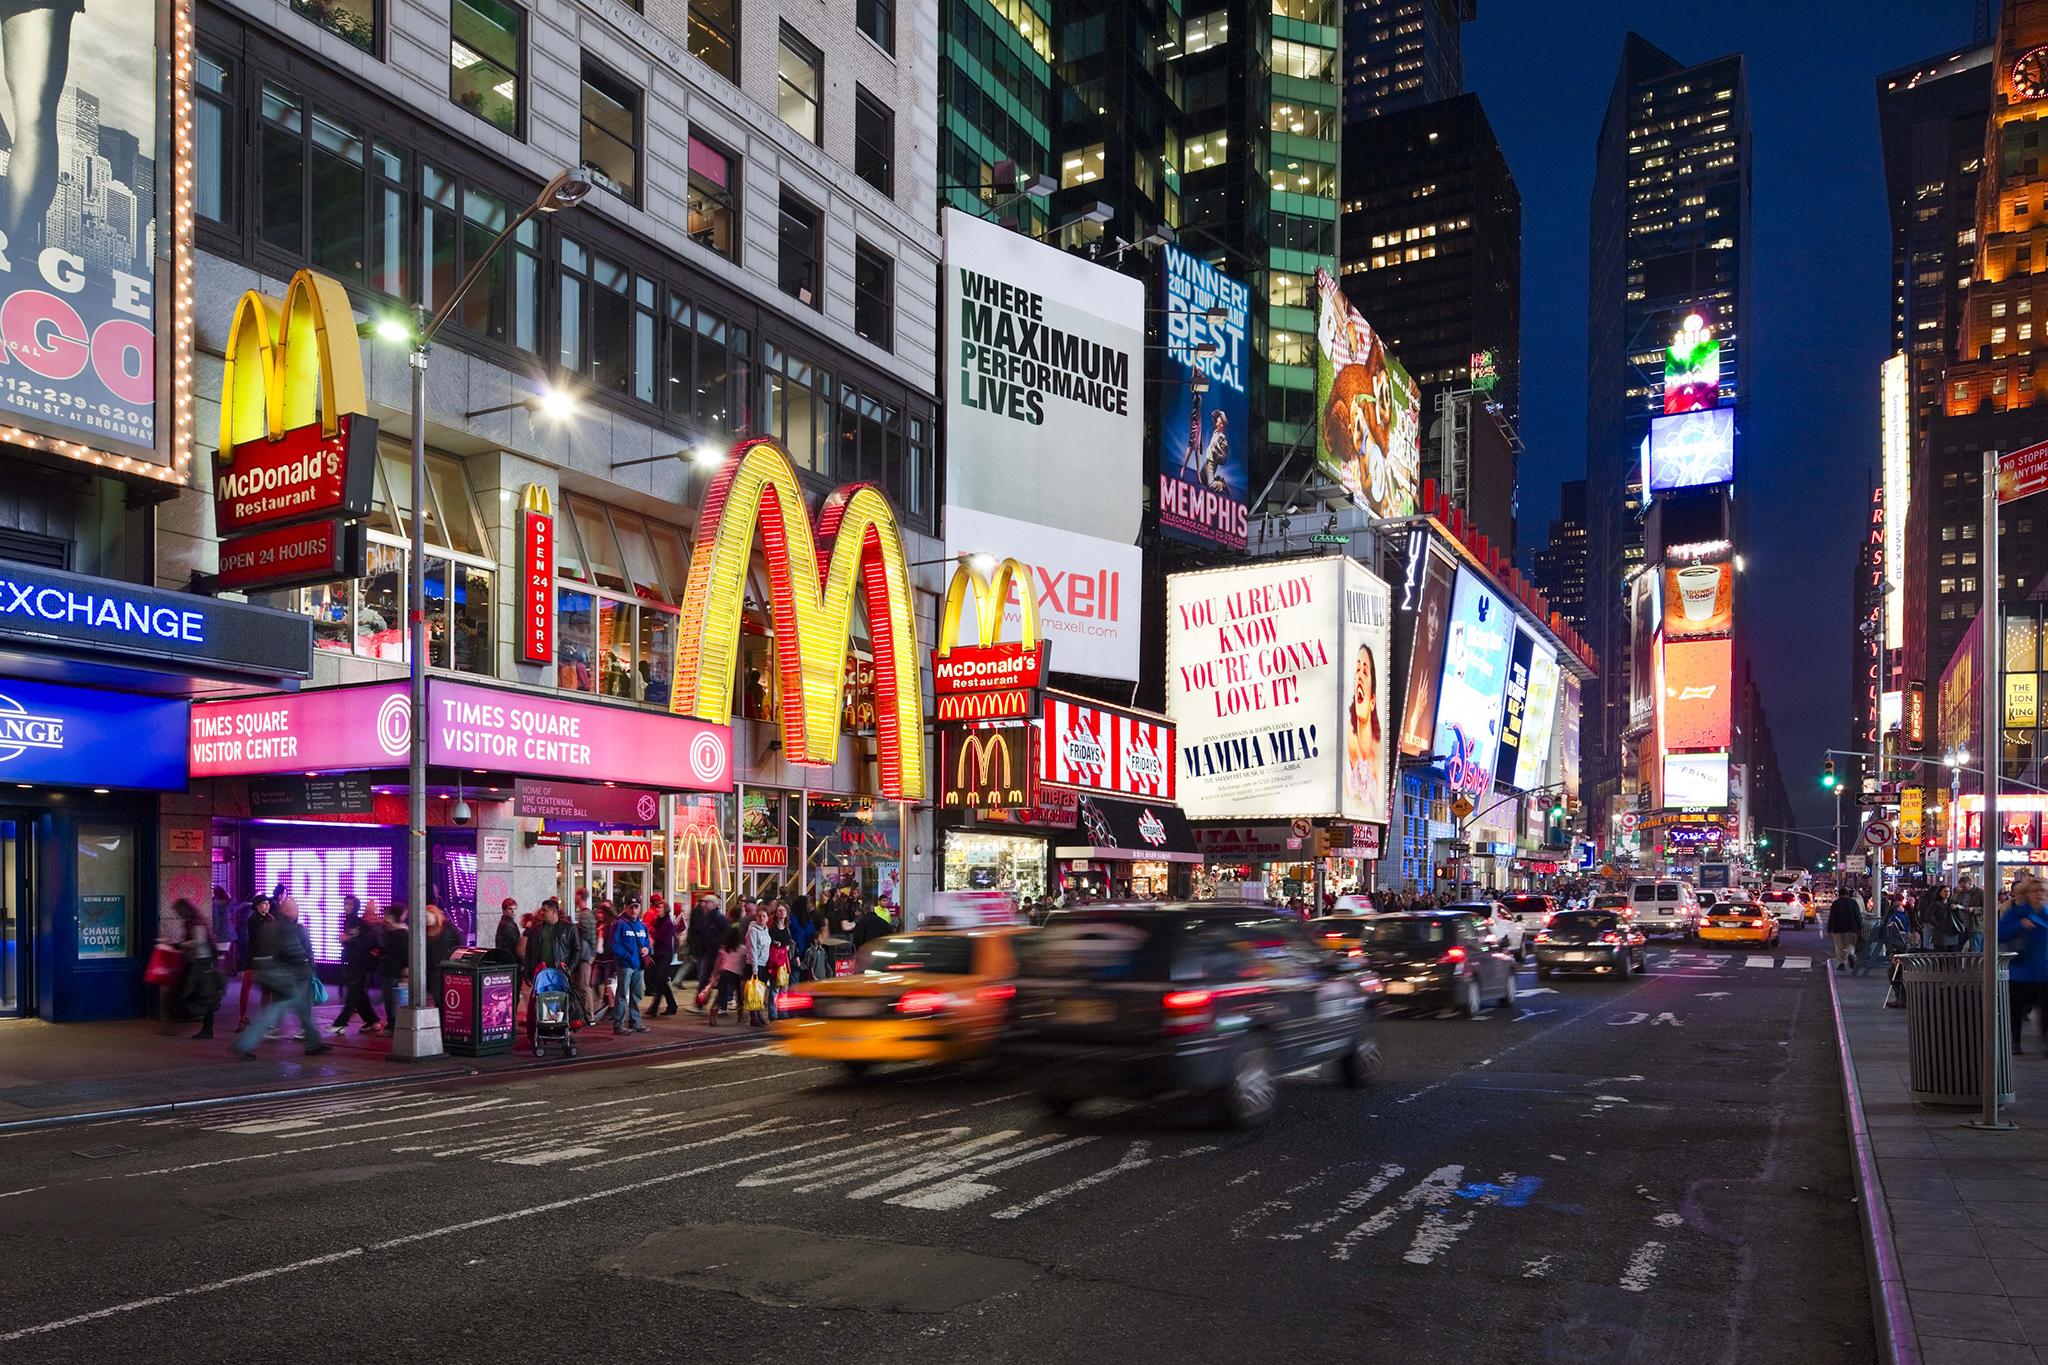 Cheap Eats Times Square